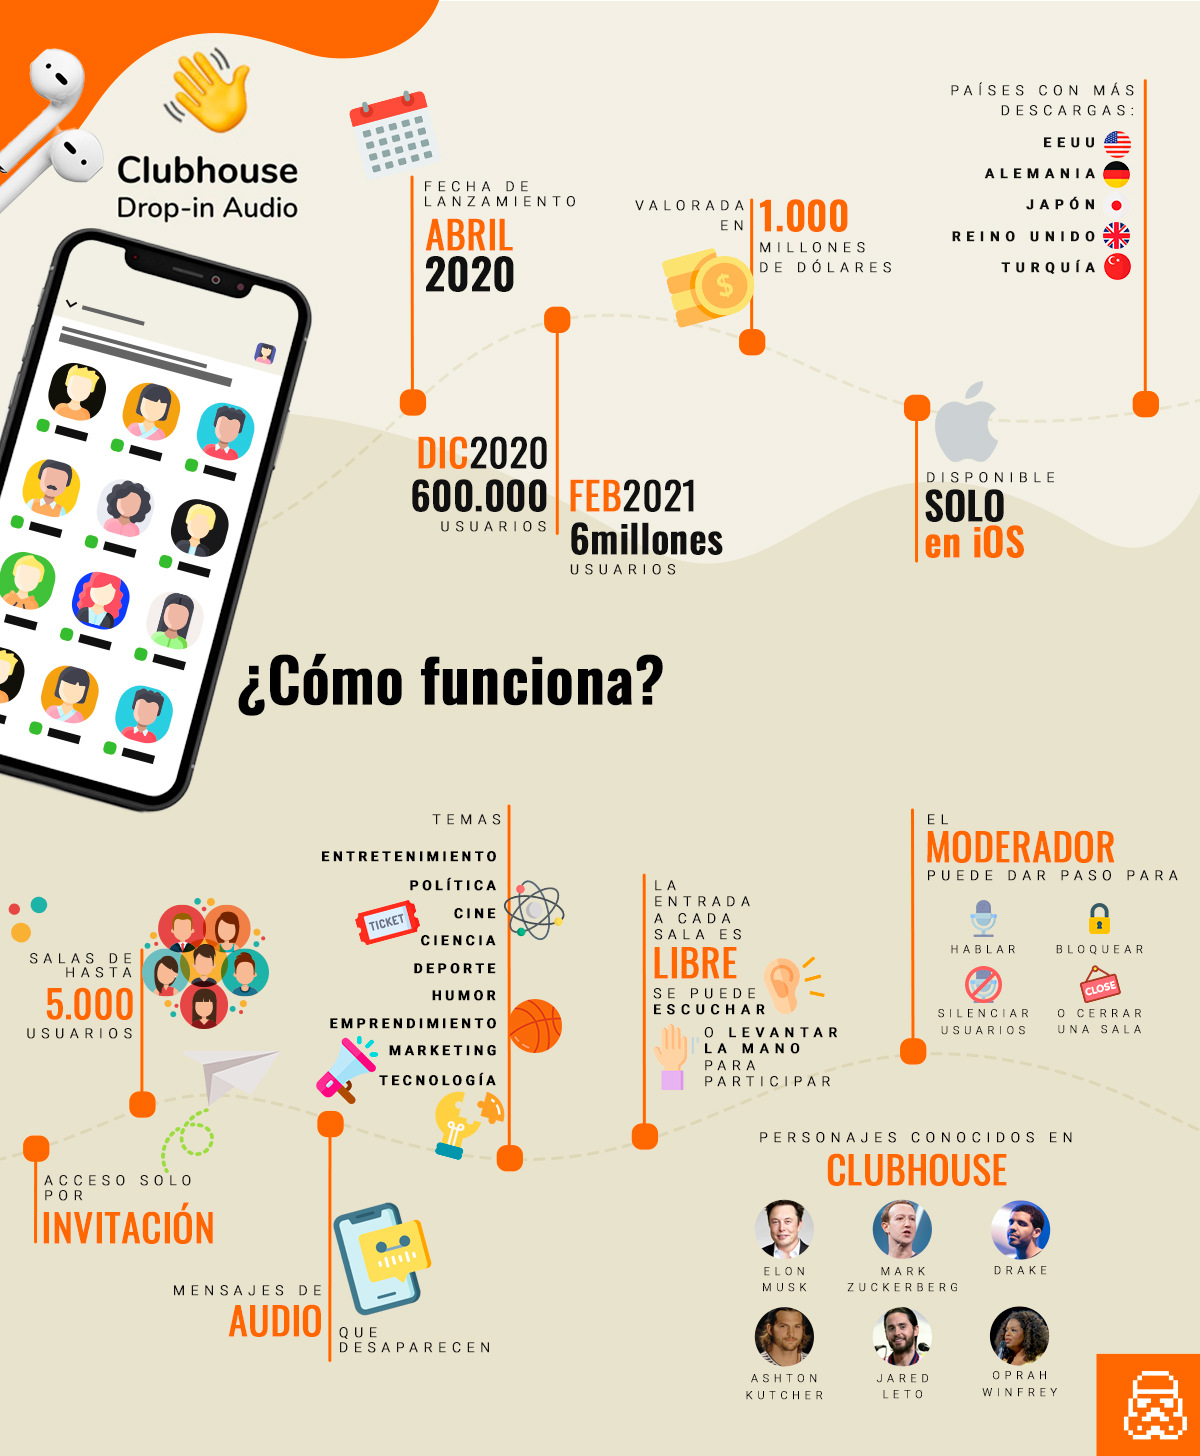 Datos y funcionamiento de Clubhouse: la red social de moda #infografia #socialmedia #clubhouse